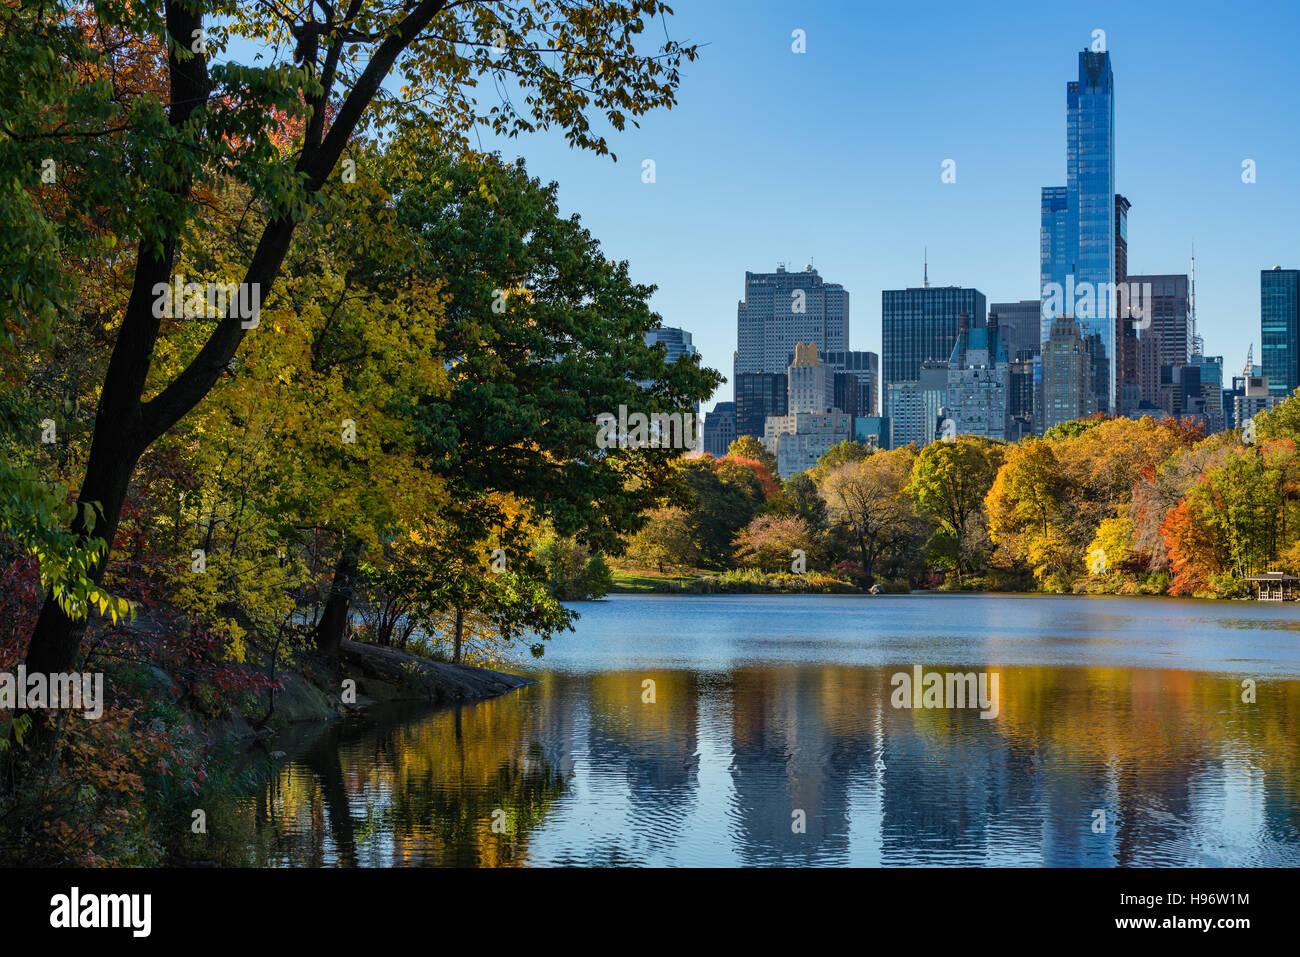 L'automne dans Central Park au lac avec Midtown gratte-ciel. Lever du soleil sur la ville, Manhattan, New York Photo Stock